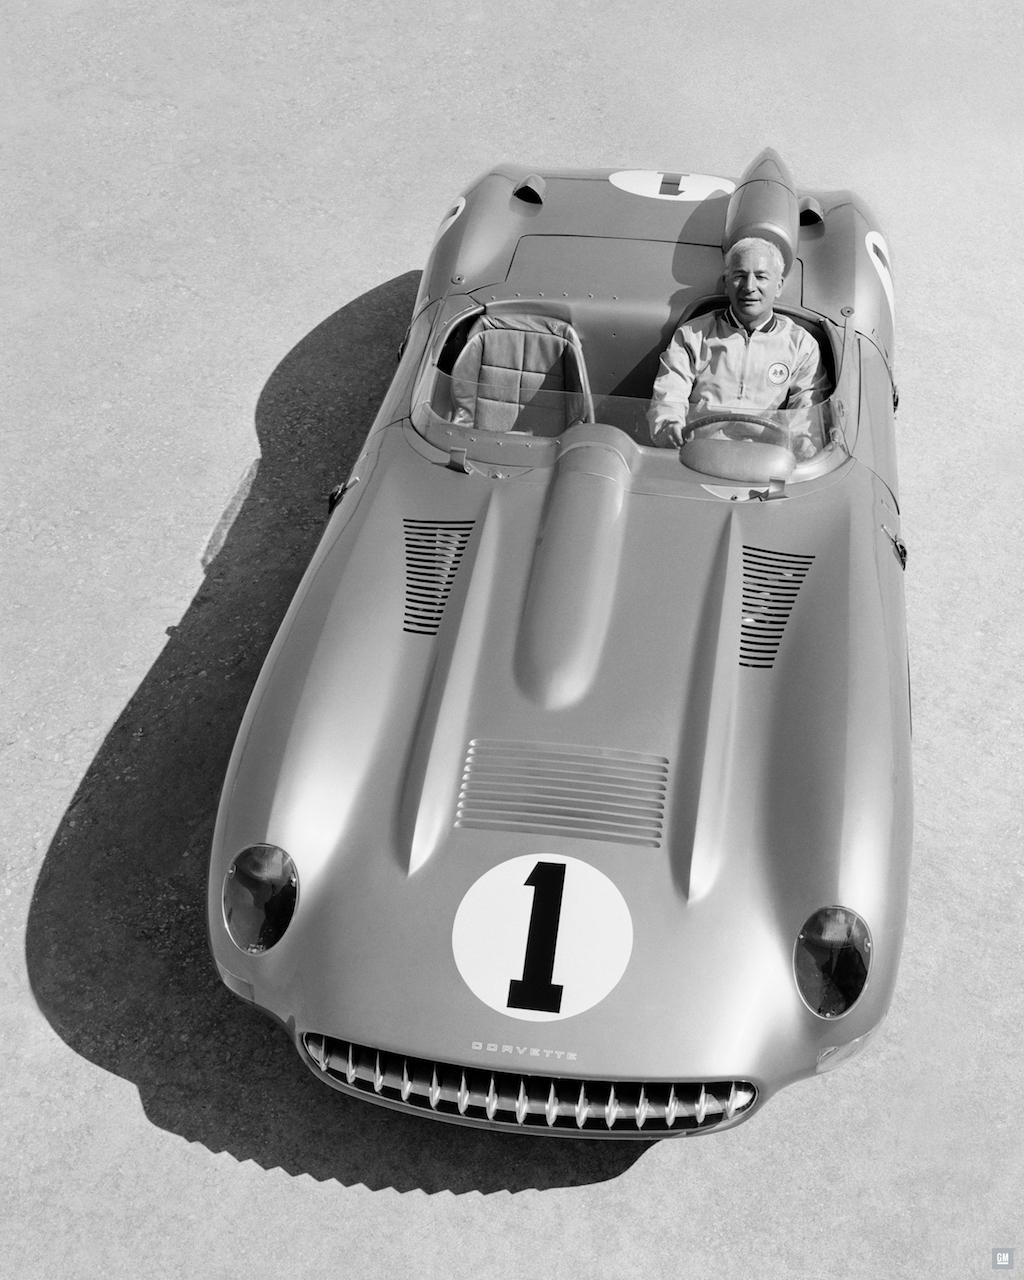 1957 Chevrolet Corvette SS Race Car Piloted by Zora Arkus-Duntov